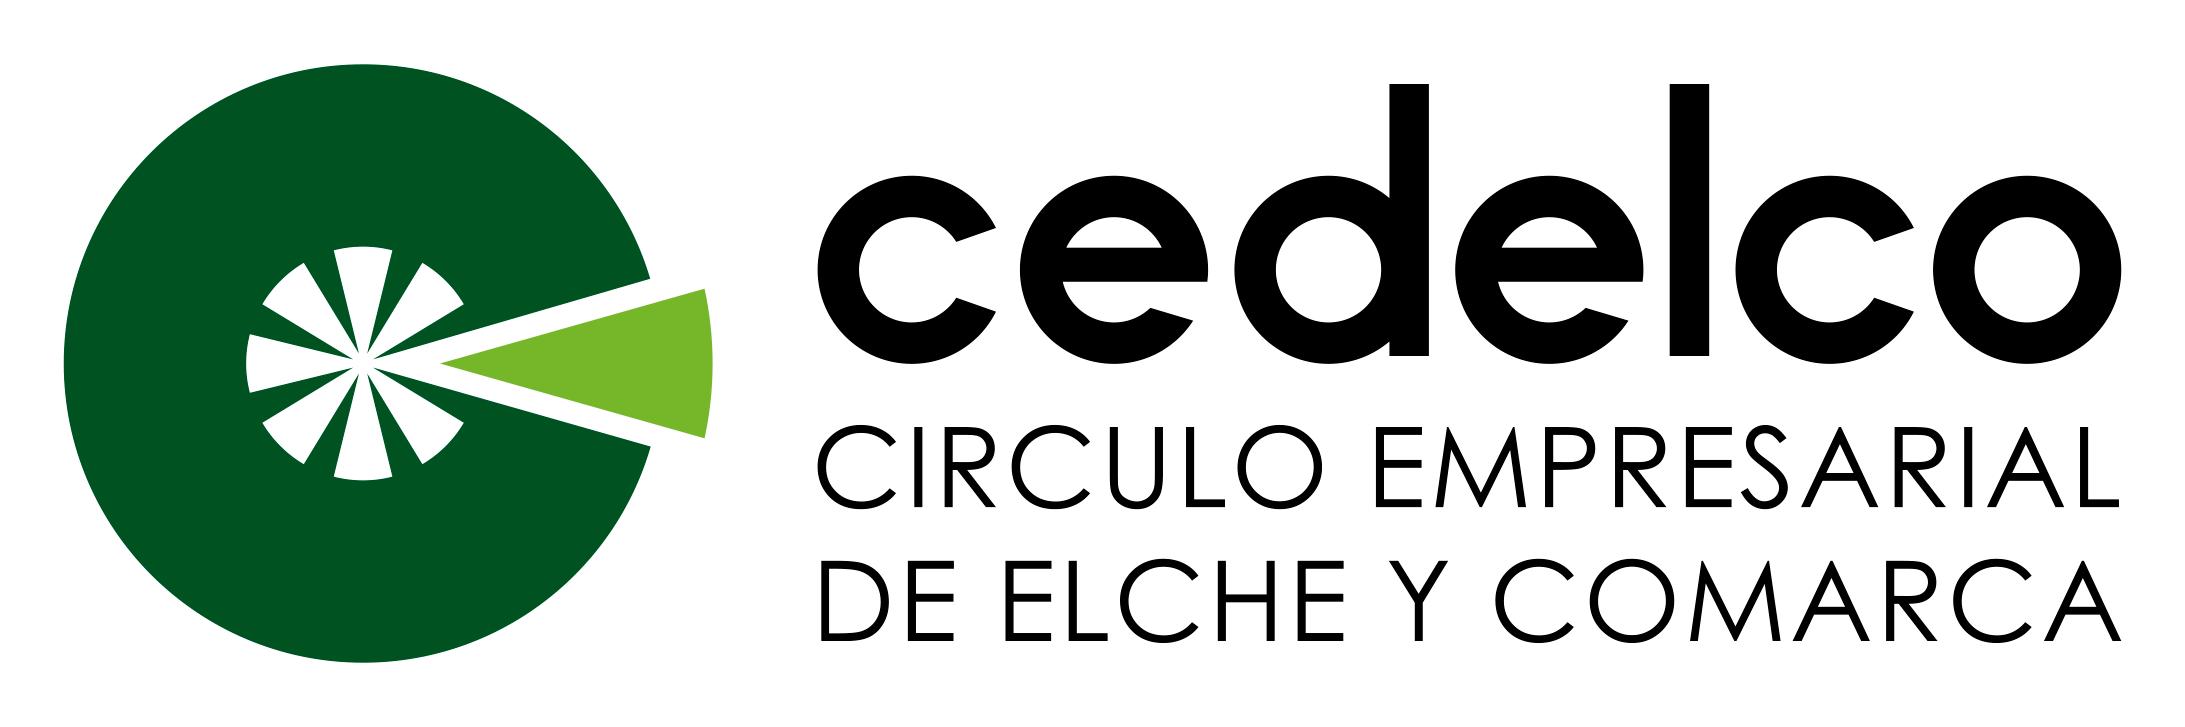 Círculo Empresarial de Elche y Comarca- CEDELCO